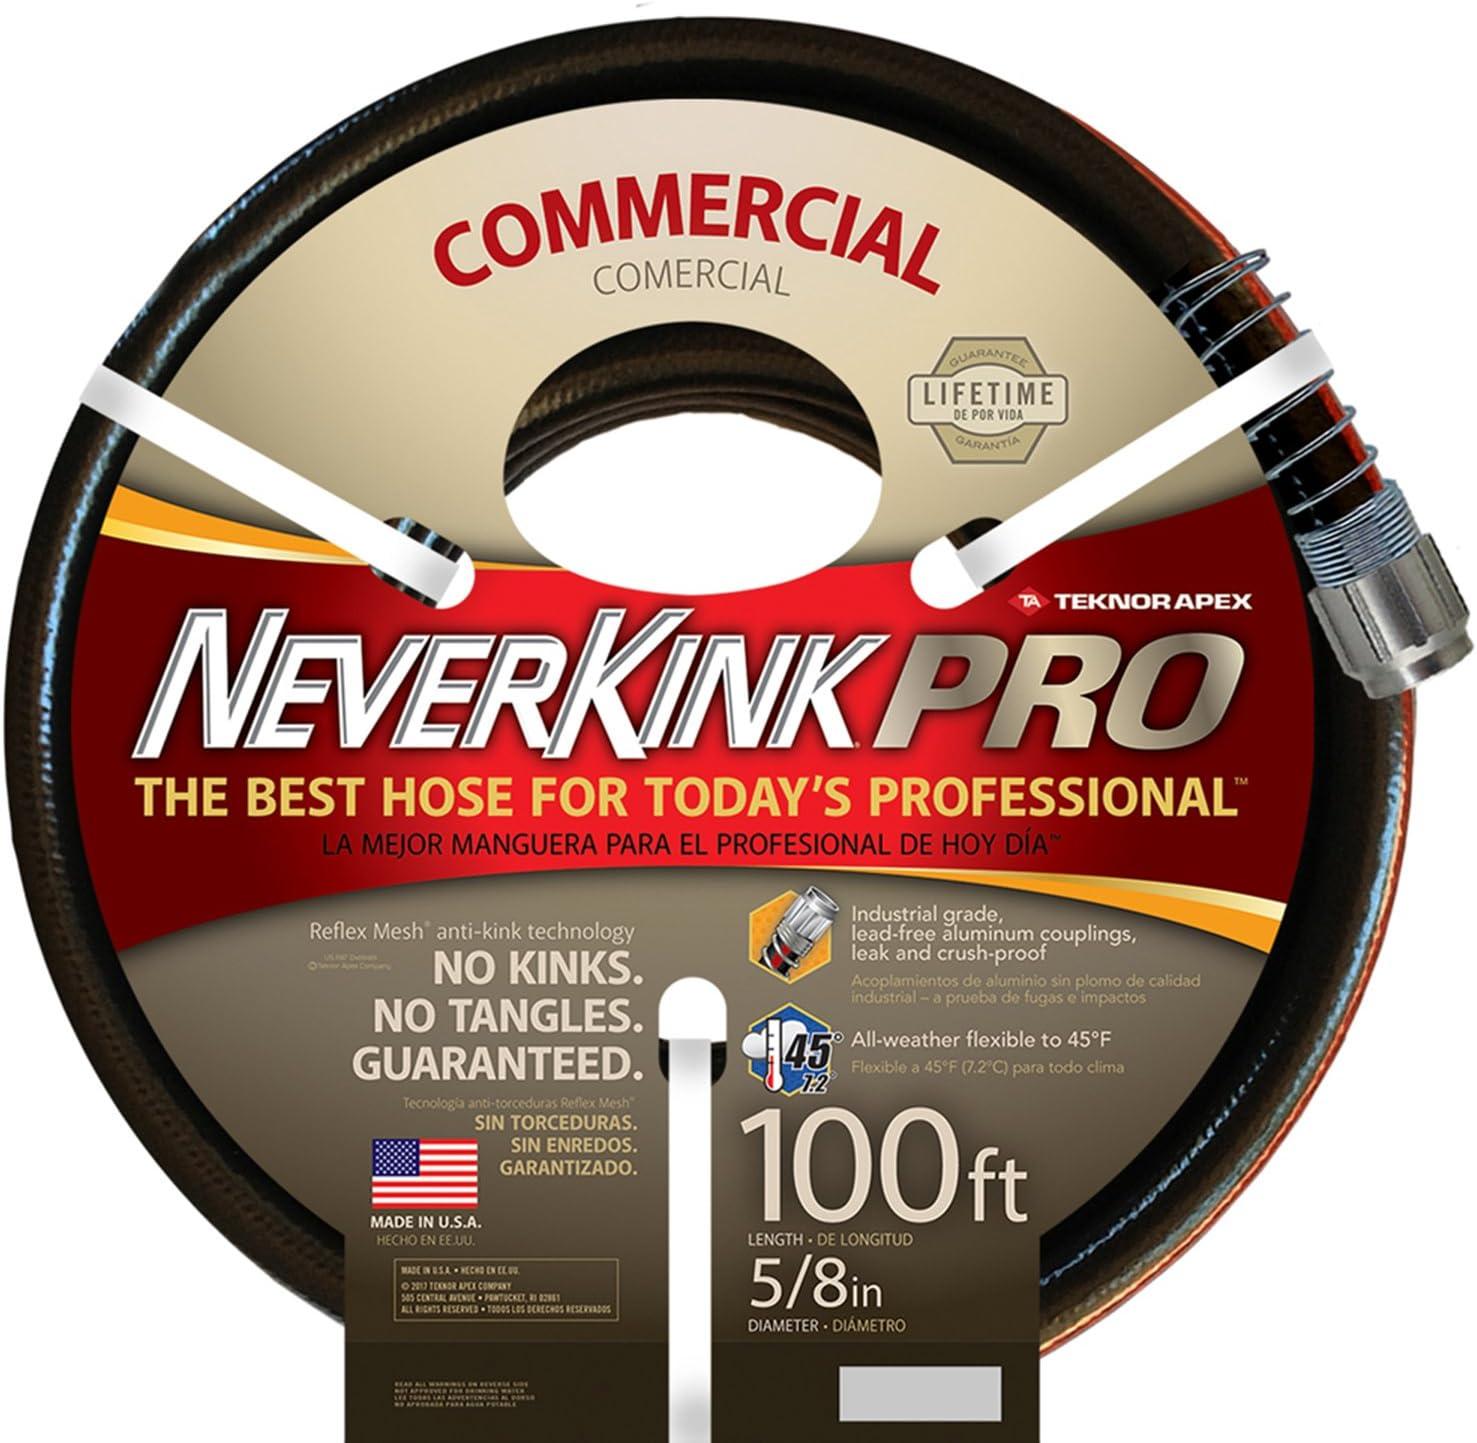 Teknor Apex Neverkink, 8844-100, PRO Water Hose, 5/8-in x 100-feet, Black : Garden & Outdoor